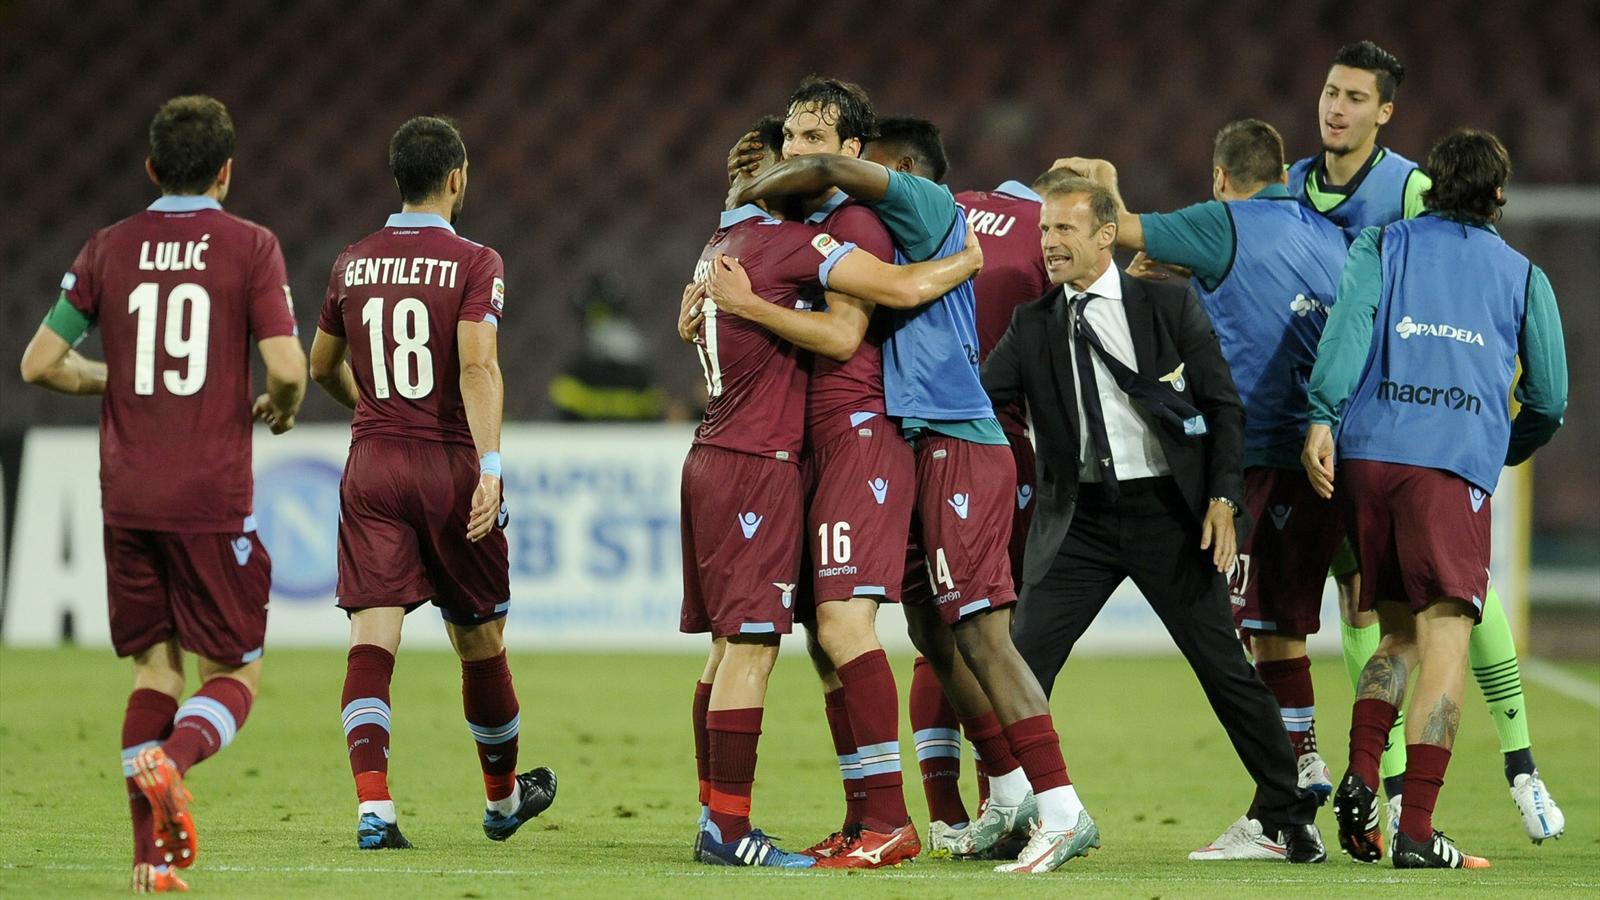 La Lazio disputará la Champions